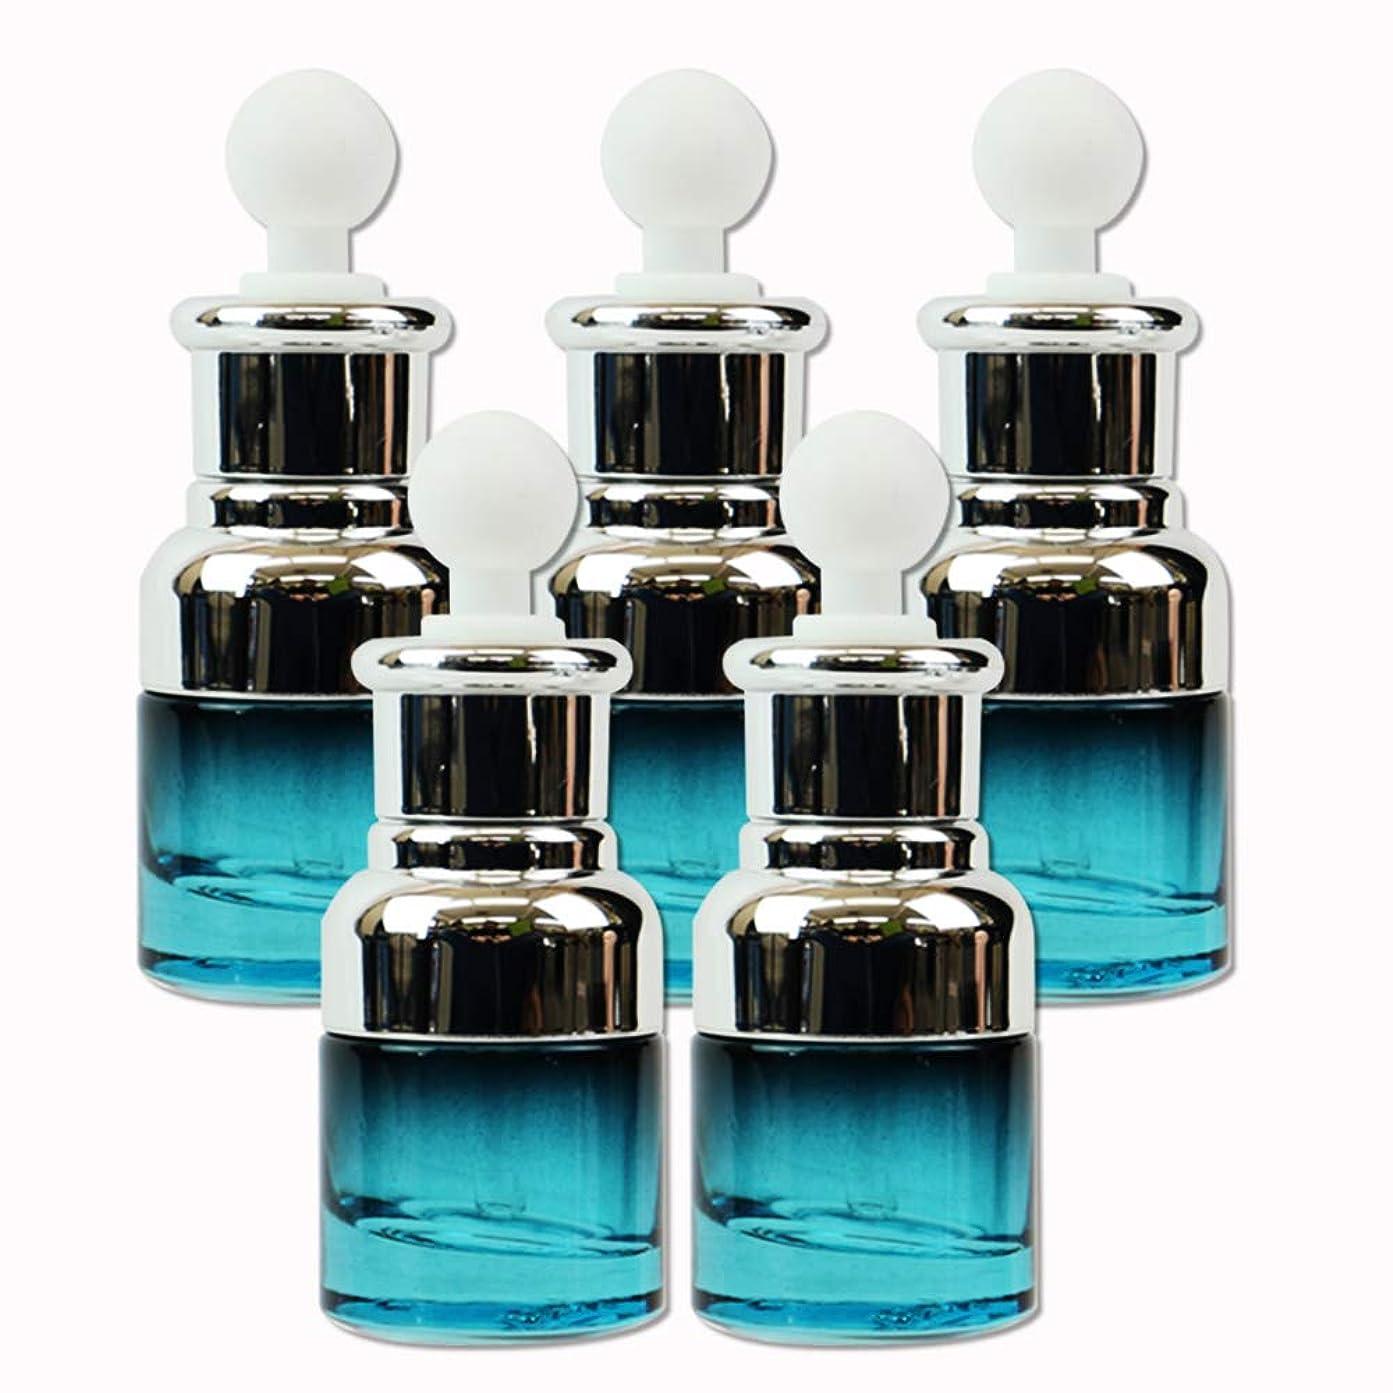 教意志寄稿者edog ガラス製 遮光ボトル 5本セット スポイト式 20ml 香水 エッセンシャルオイル アロマ